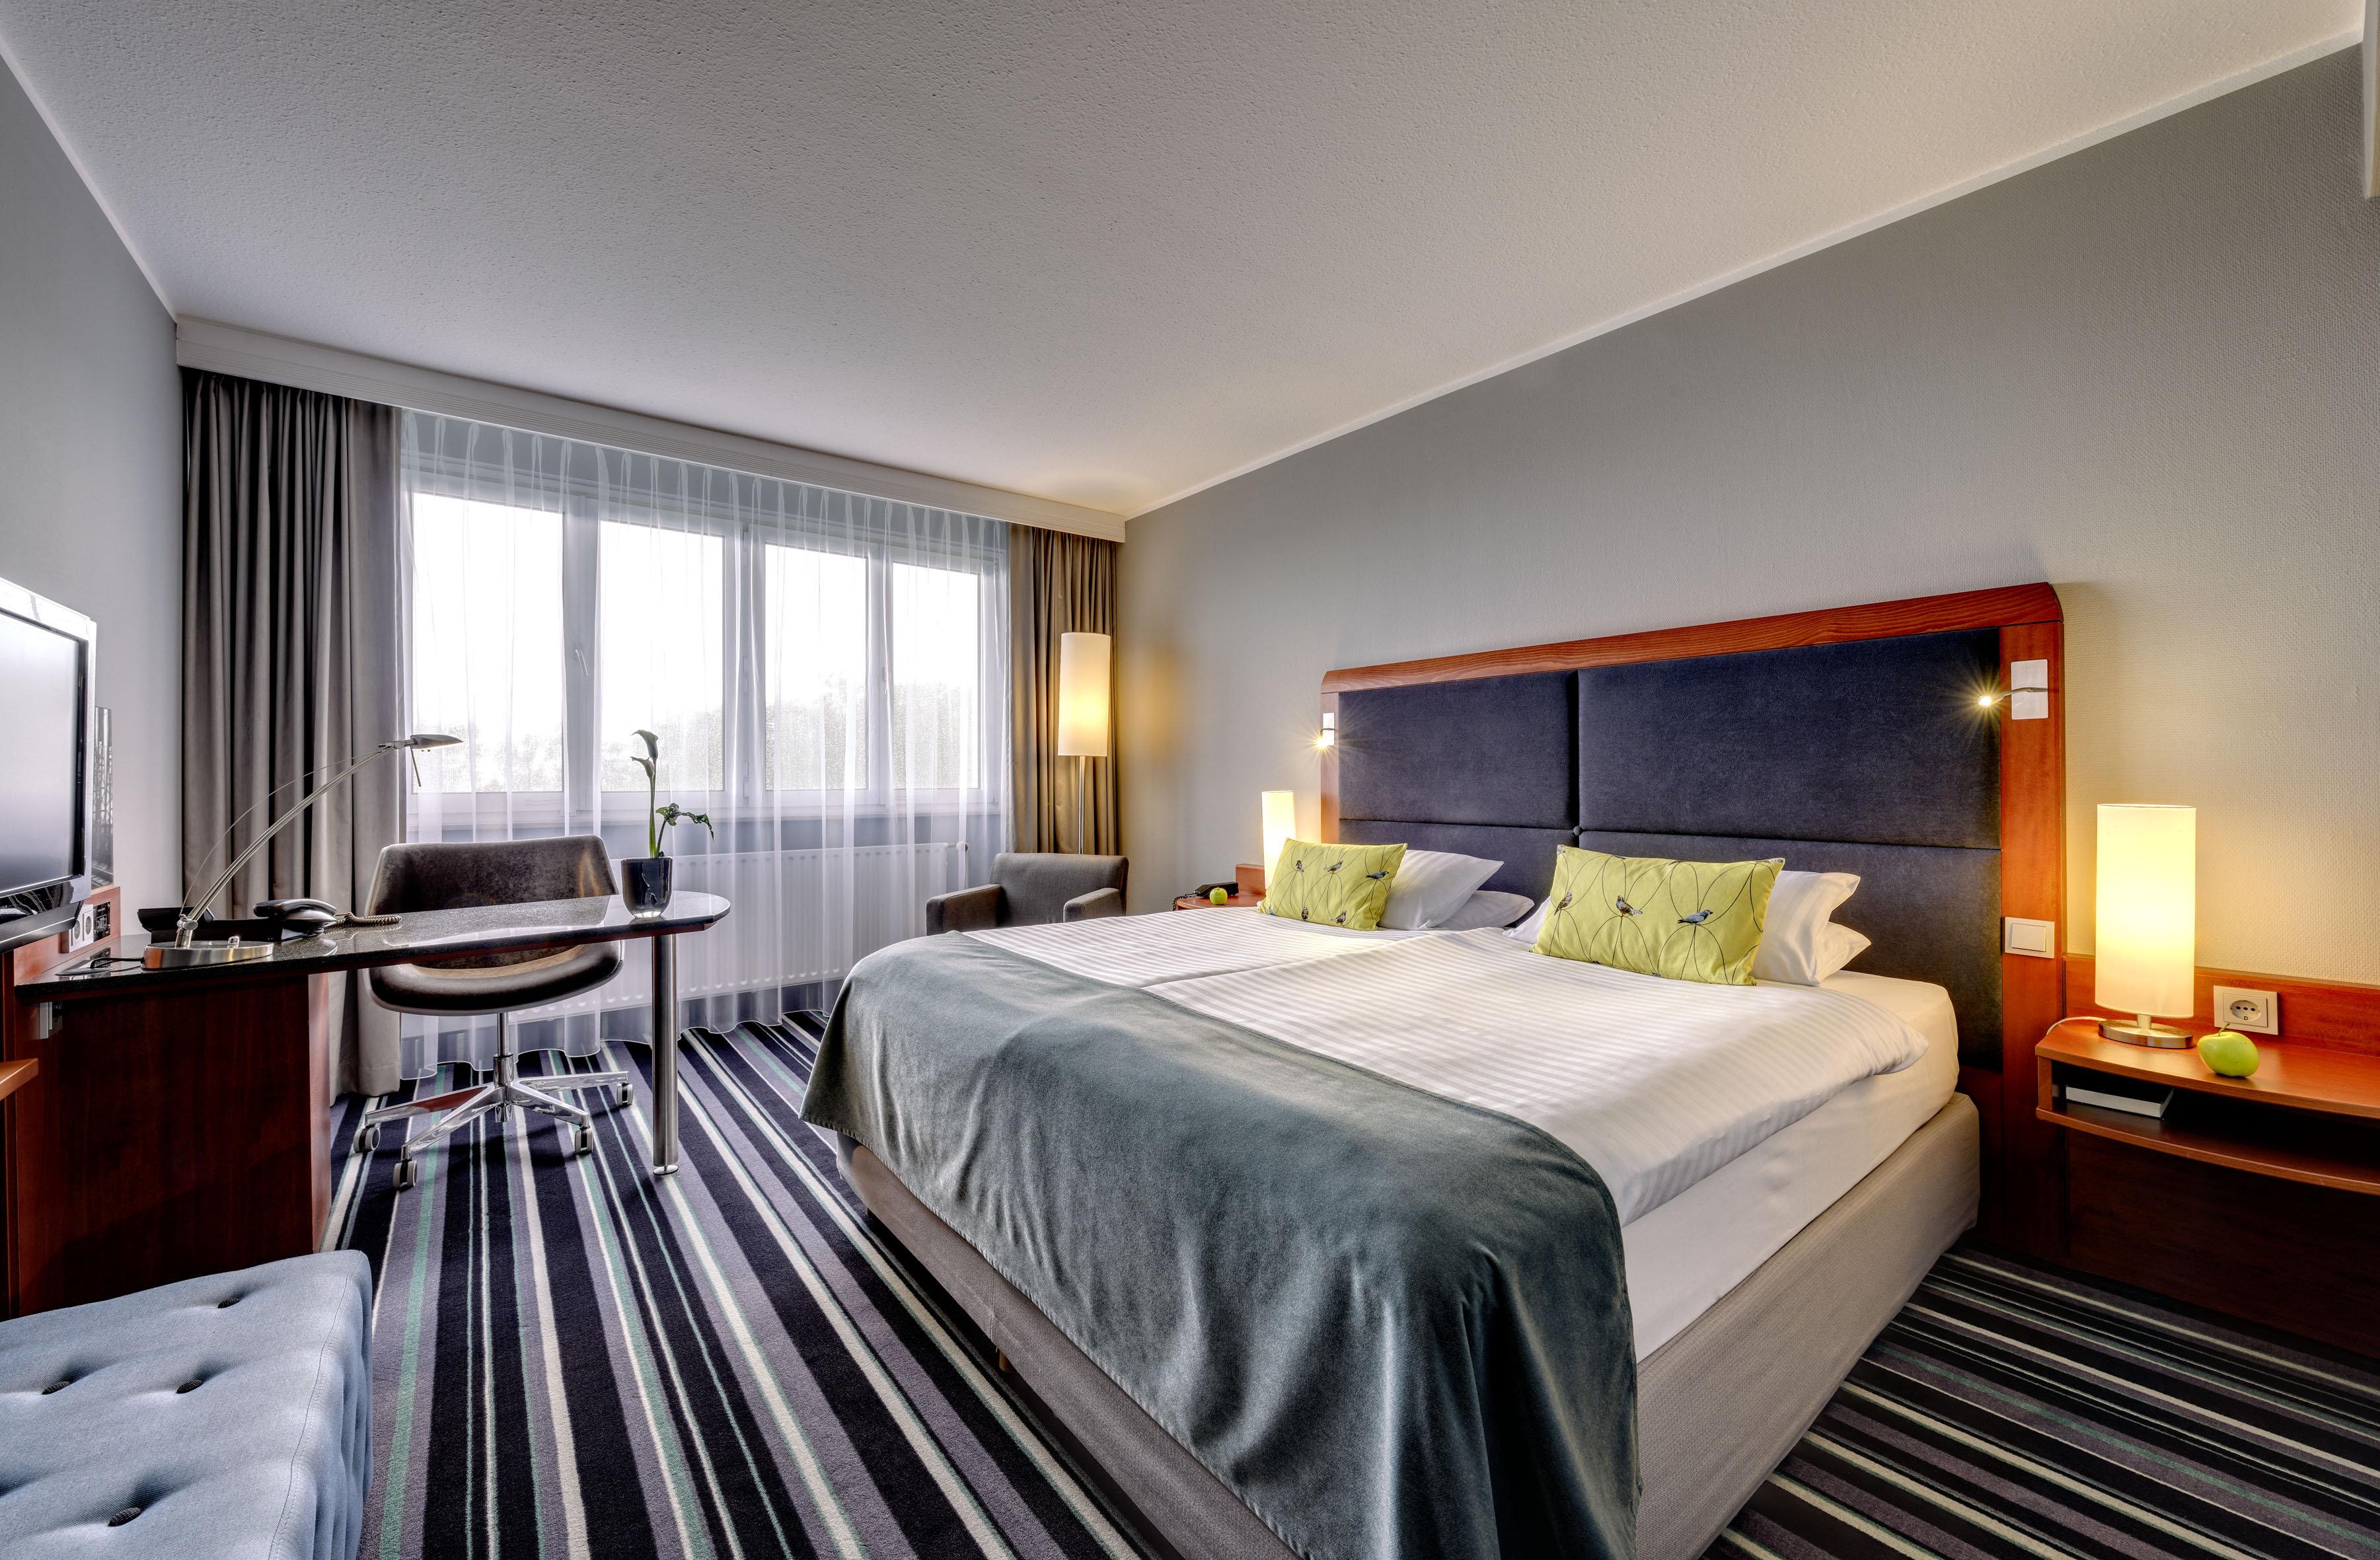 Hotel Dortmund Top Hotels Gunstig Bei Hrs Buchen